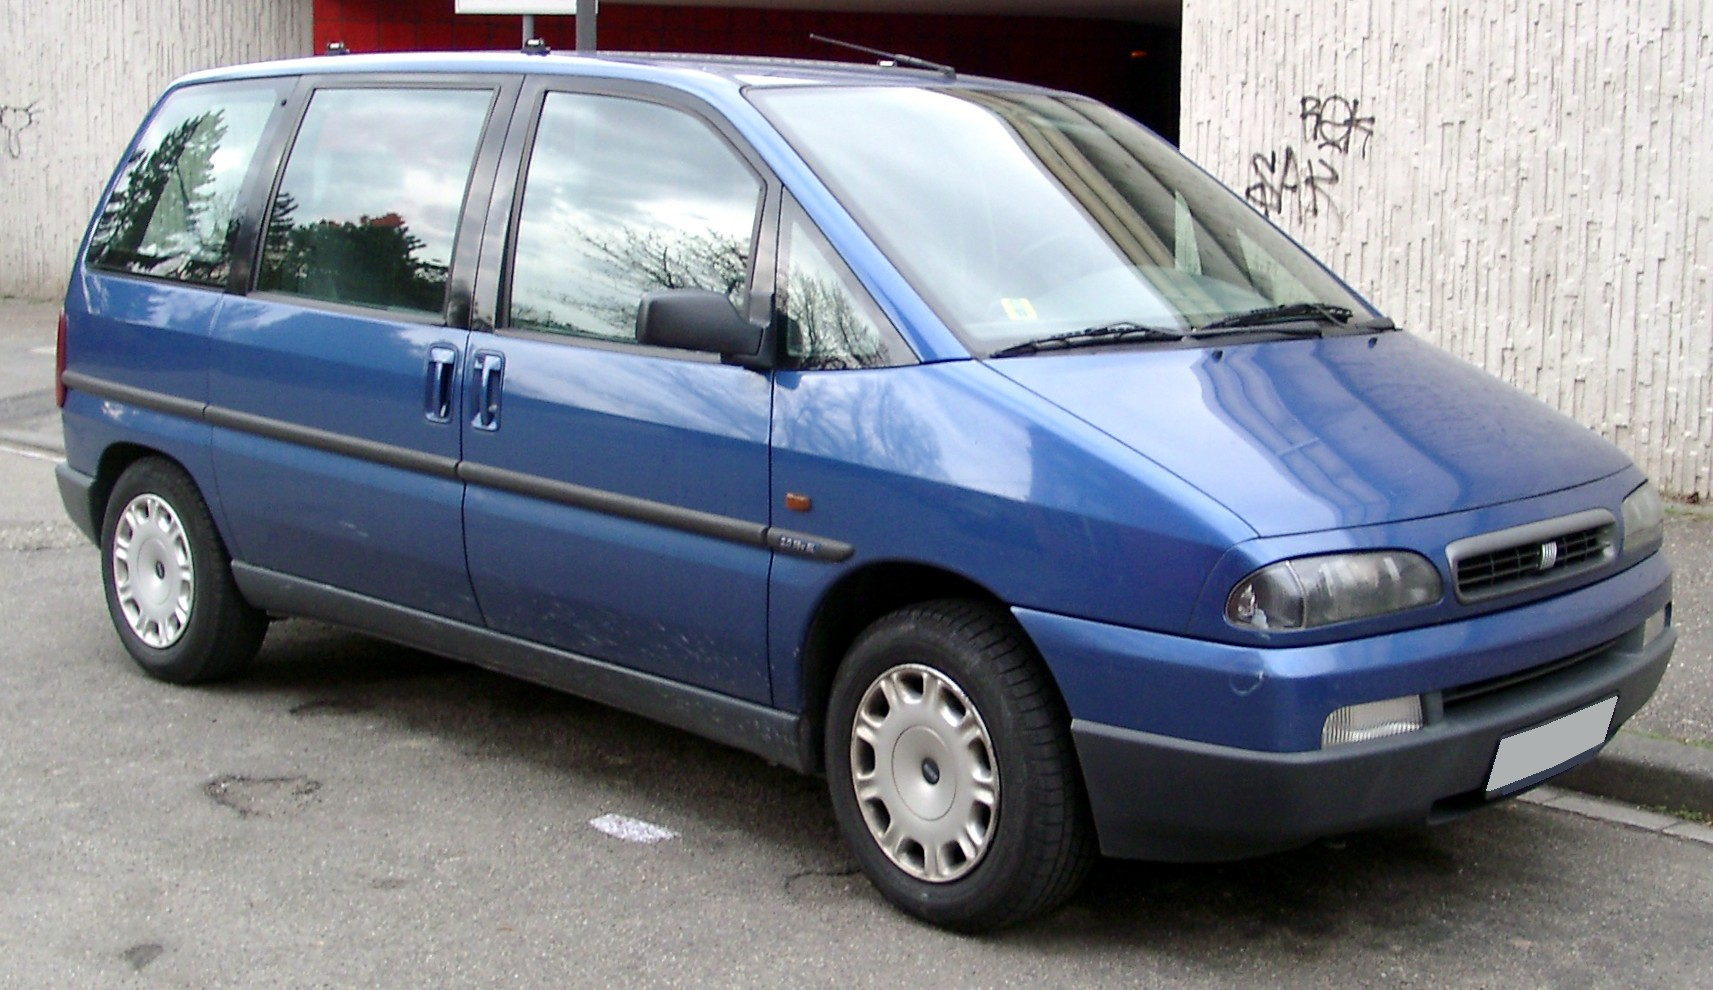 Fiat zeta